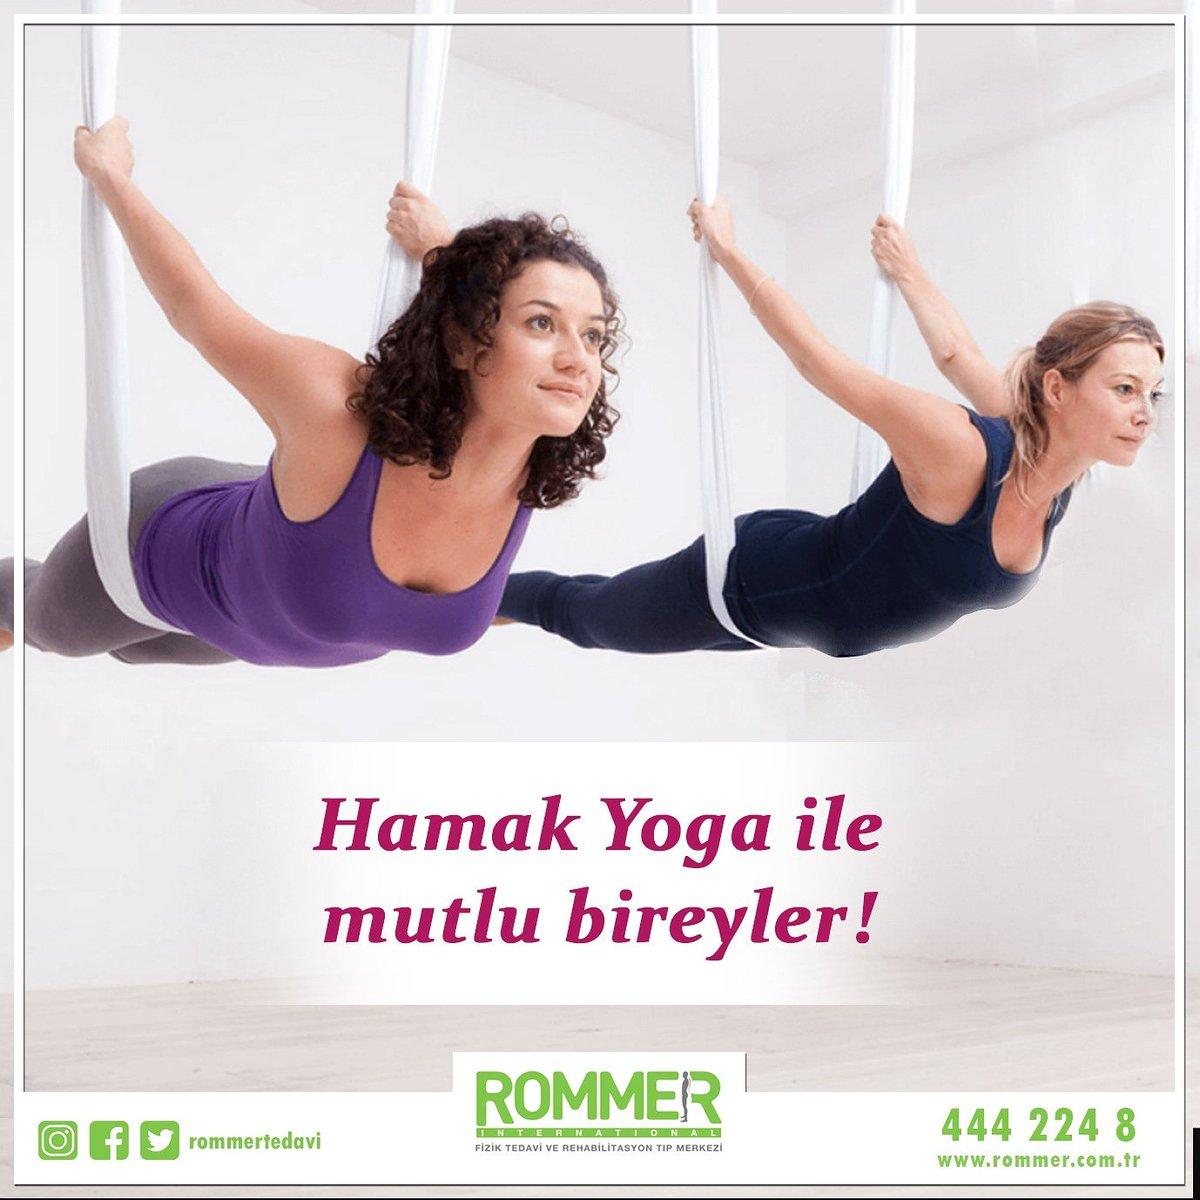 Sırt ağrılarınızı hamak yoga ile azaltmaya ne dersiniz?  #rommertedavi #fiziktedaviverehabilitasyon #hamakyoga #antigravityyoga #yoga #pilates #sırtağrısı #ağrıtedavisi #ağrı #omurga #fiziktedavi #tedavi #hamilepilatesi #fizyoterapi #fizyoterapist #bursa #termalsupic.twitter.com/MwFXyHHQ2G